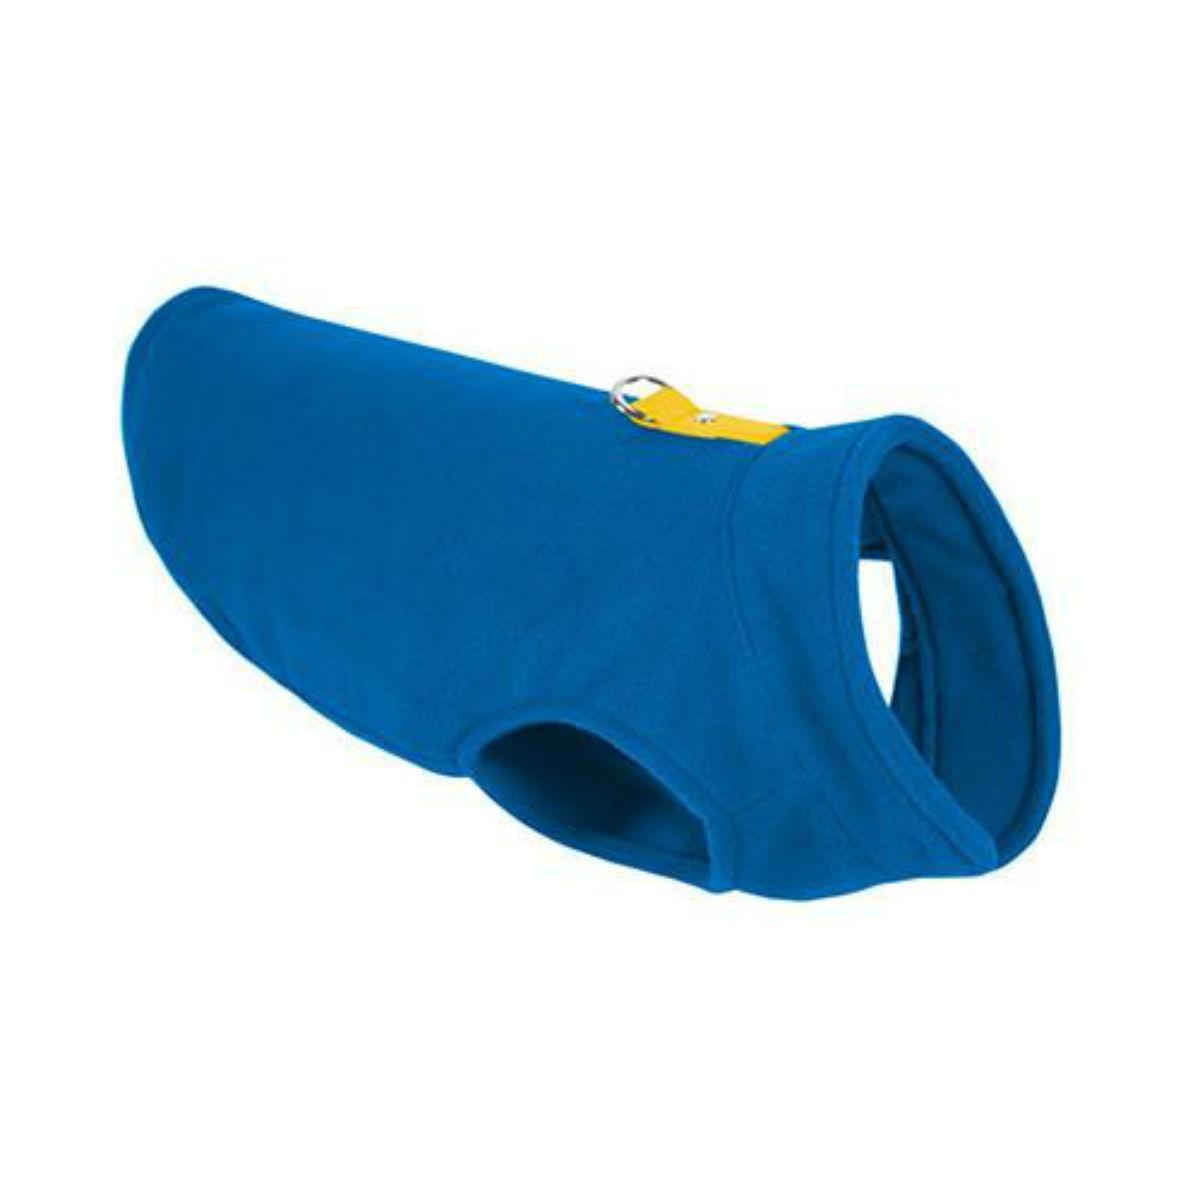 Gooby Fleece Dog Vest - Deep Blue